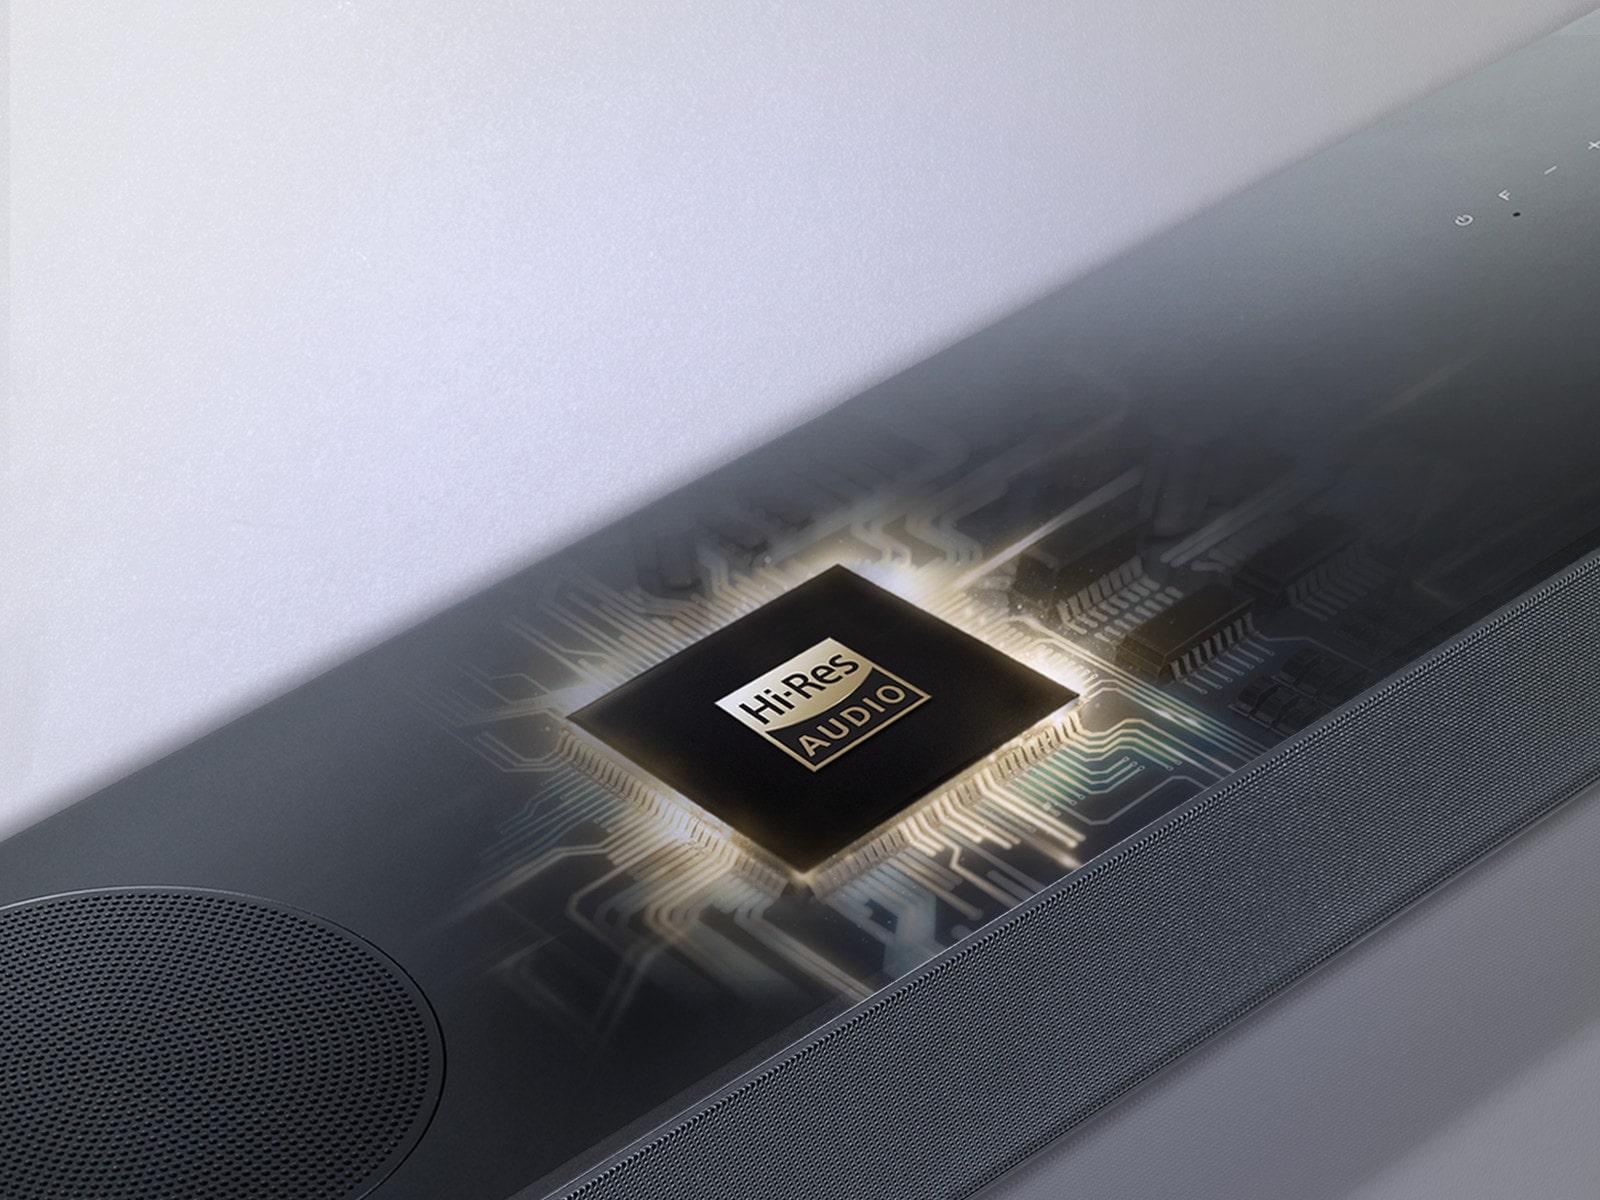 SL8YG_High_Resolution_Audio_Desktop_19032019